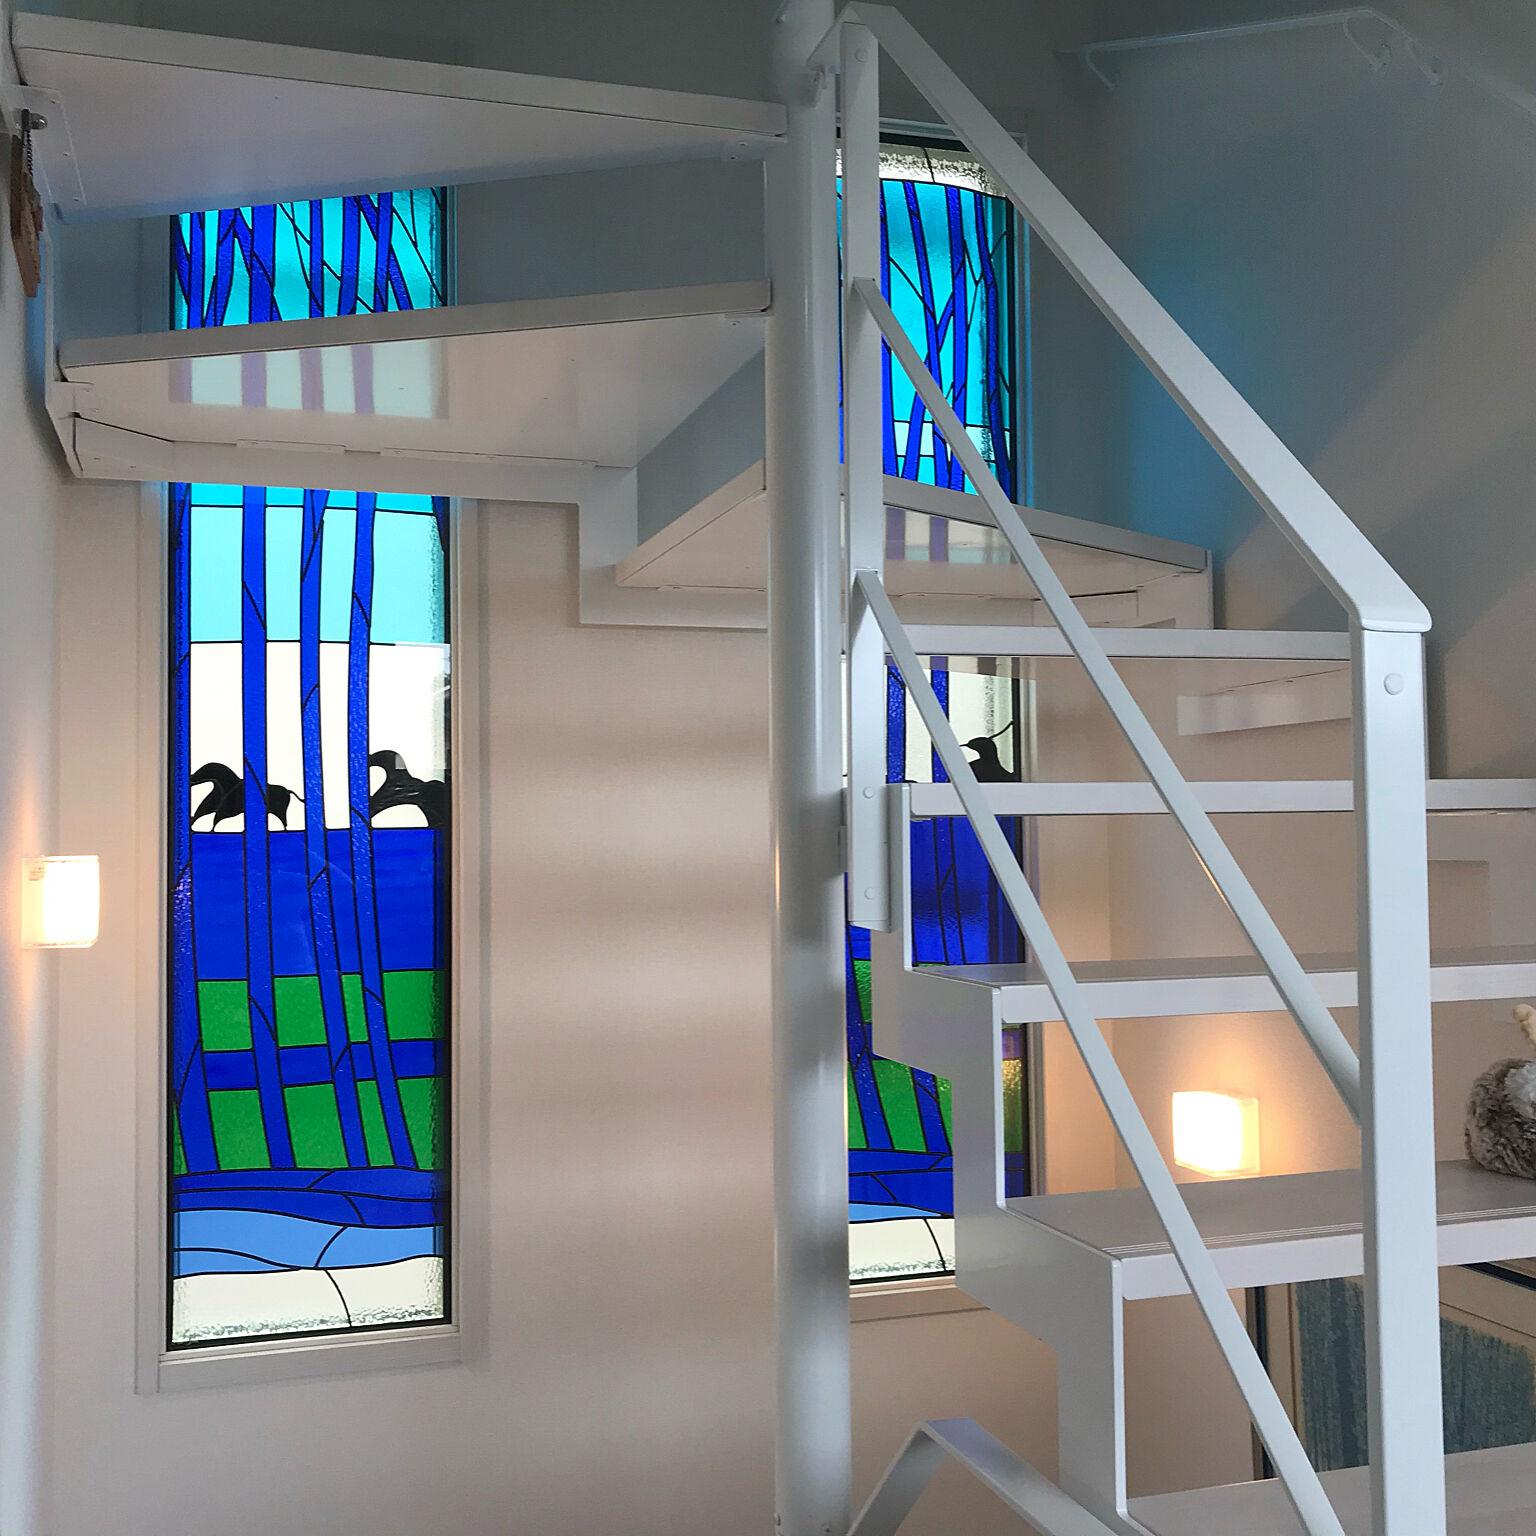 光とガラスが癒しをもたらす。美しいステンドグラス窓の世界